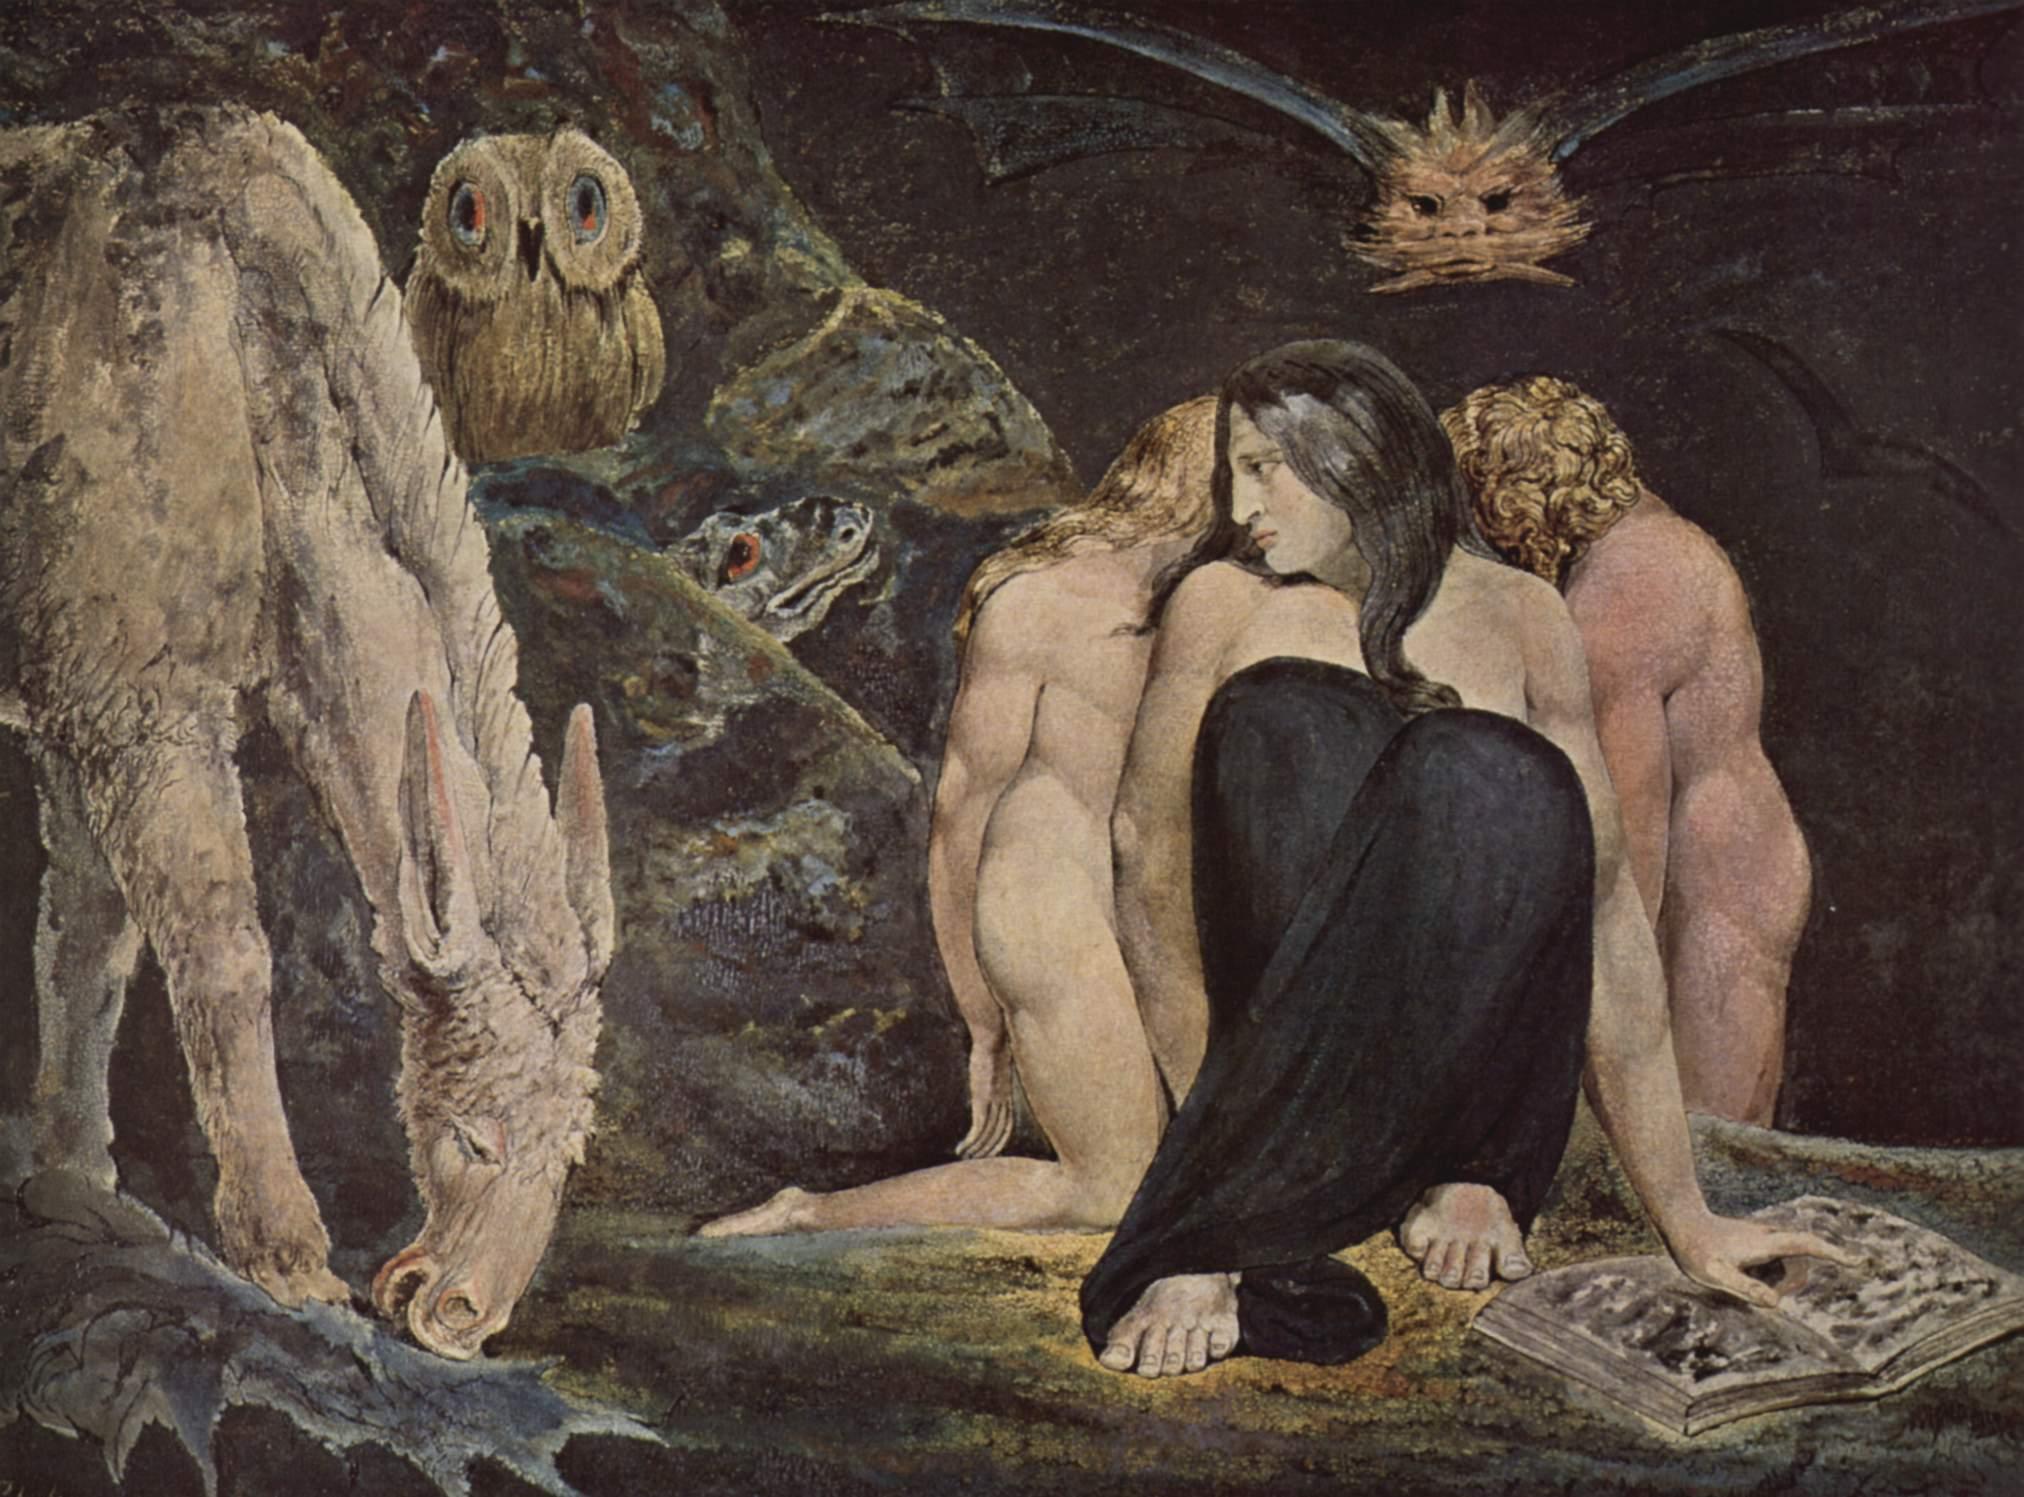 Hekate av William Blake, 1795 (CC0).